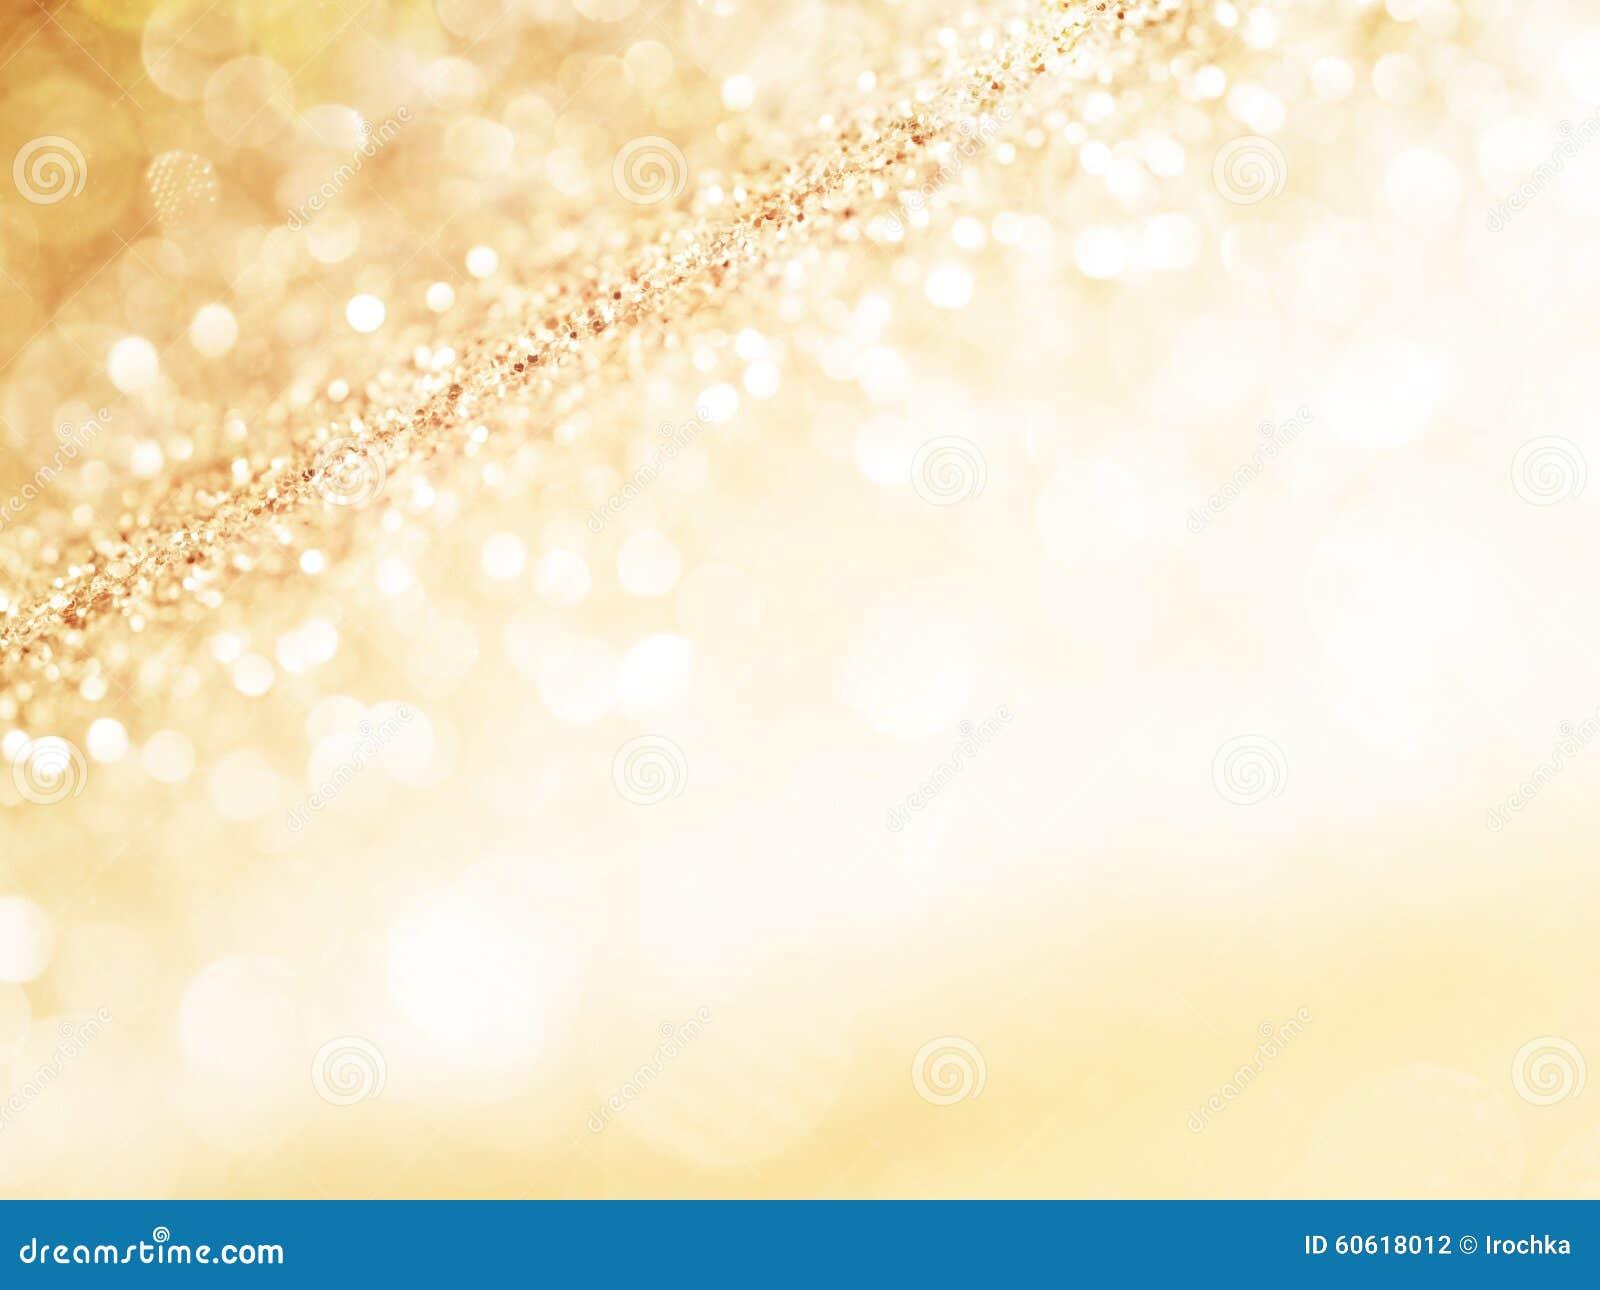 金子欢乐圣诞节背景 库存照片 - 图片: 60618012